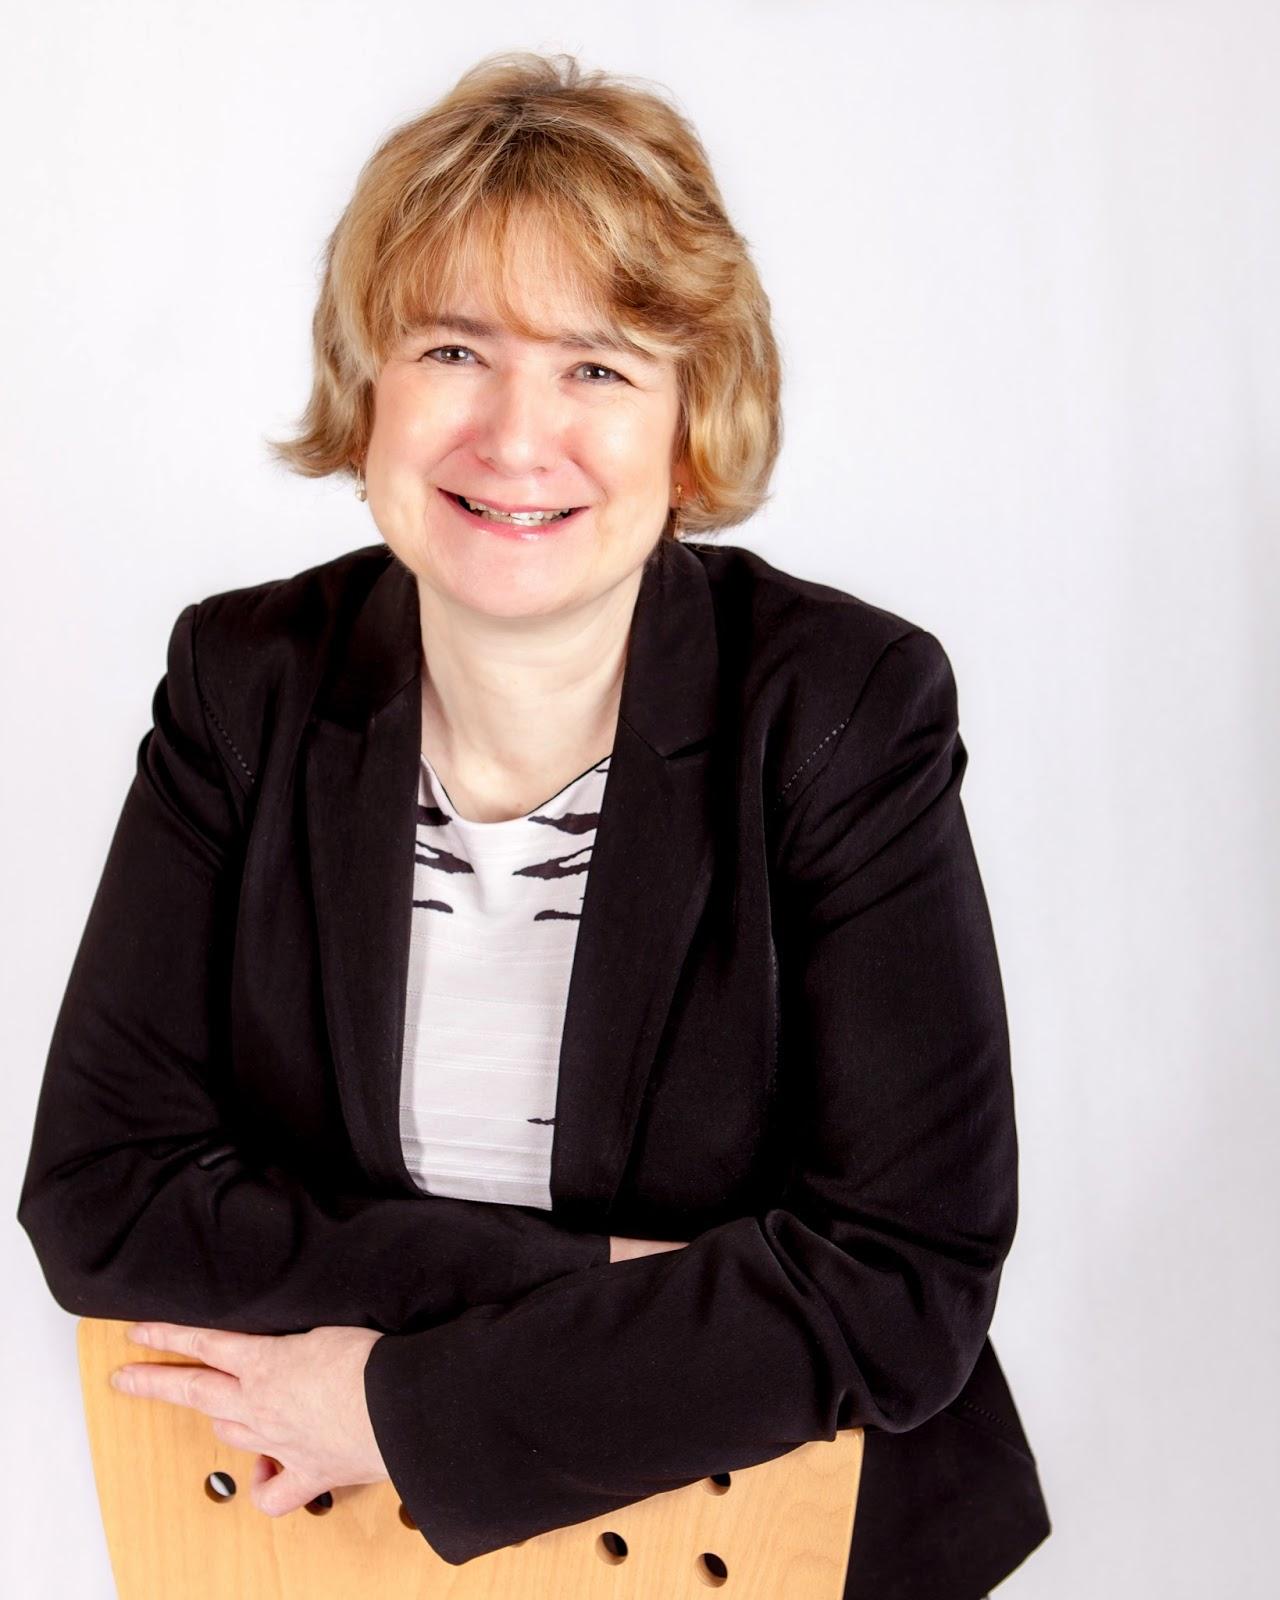 Karen Andrews, content writer